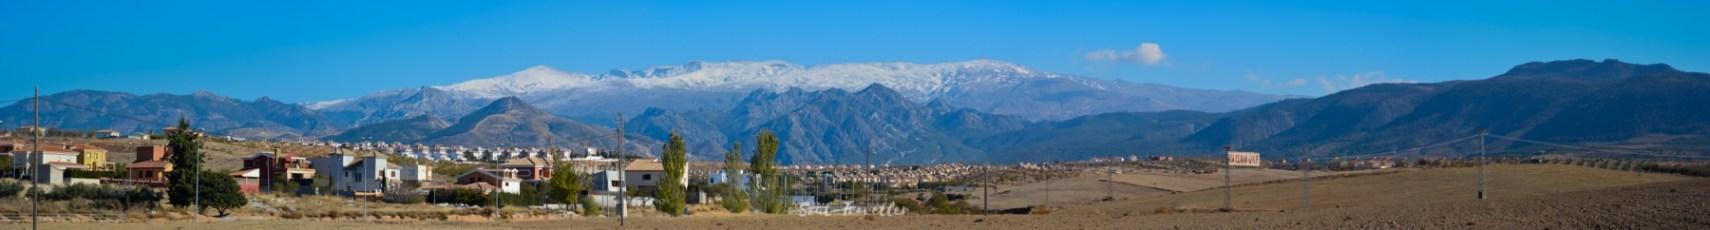 095 Cordoba SIERRA NEVADA – Erste Temperaturschwankungen vor traumhafter Kulisse